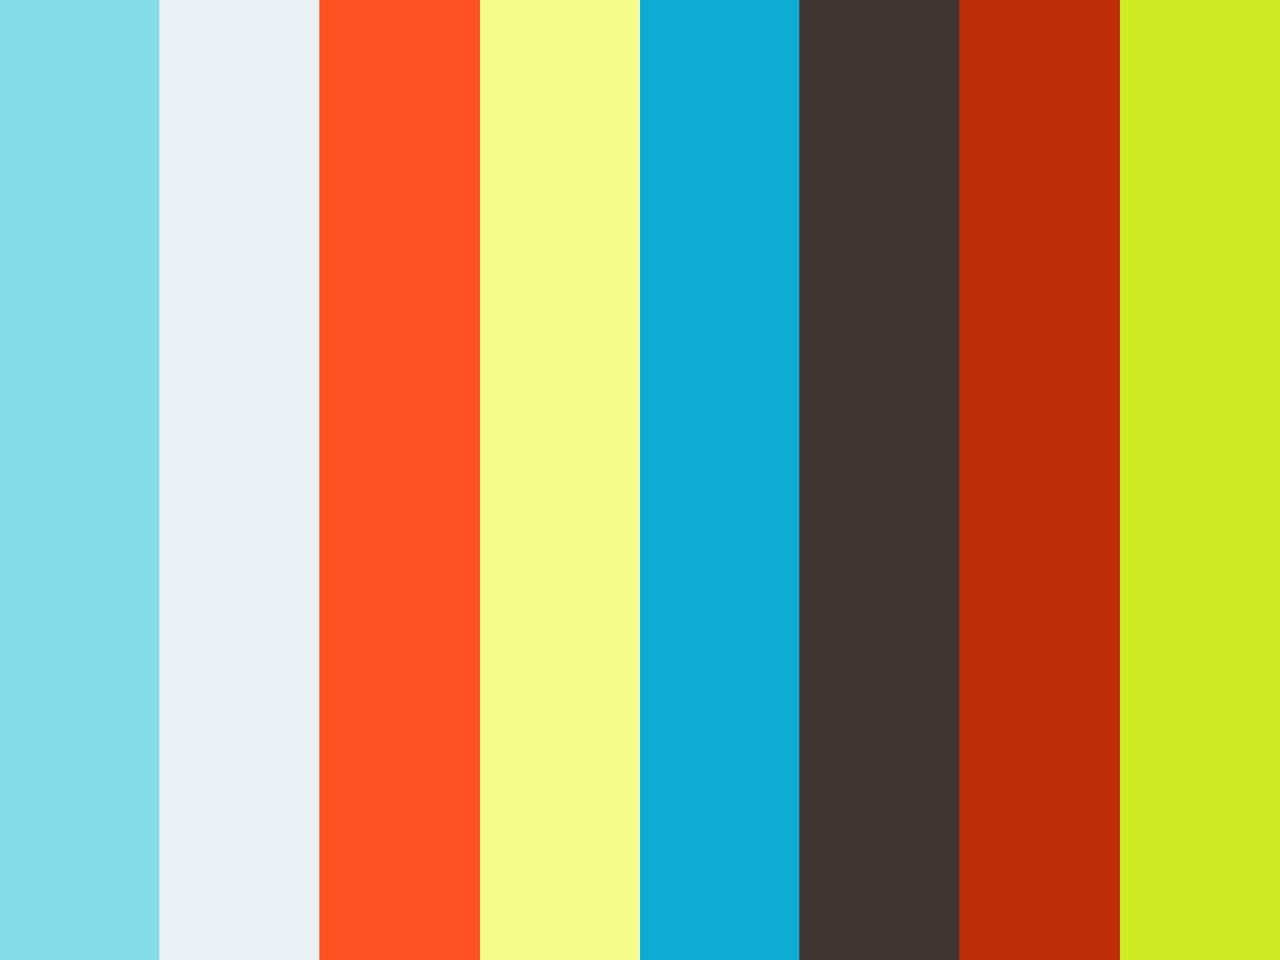 Summa Linguae Values | branding 2017